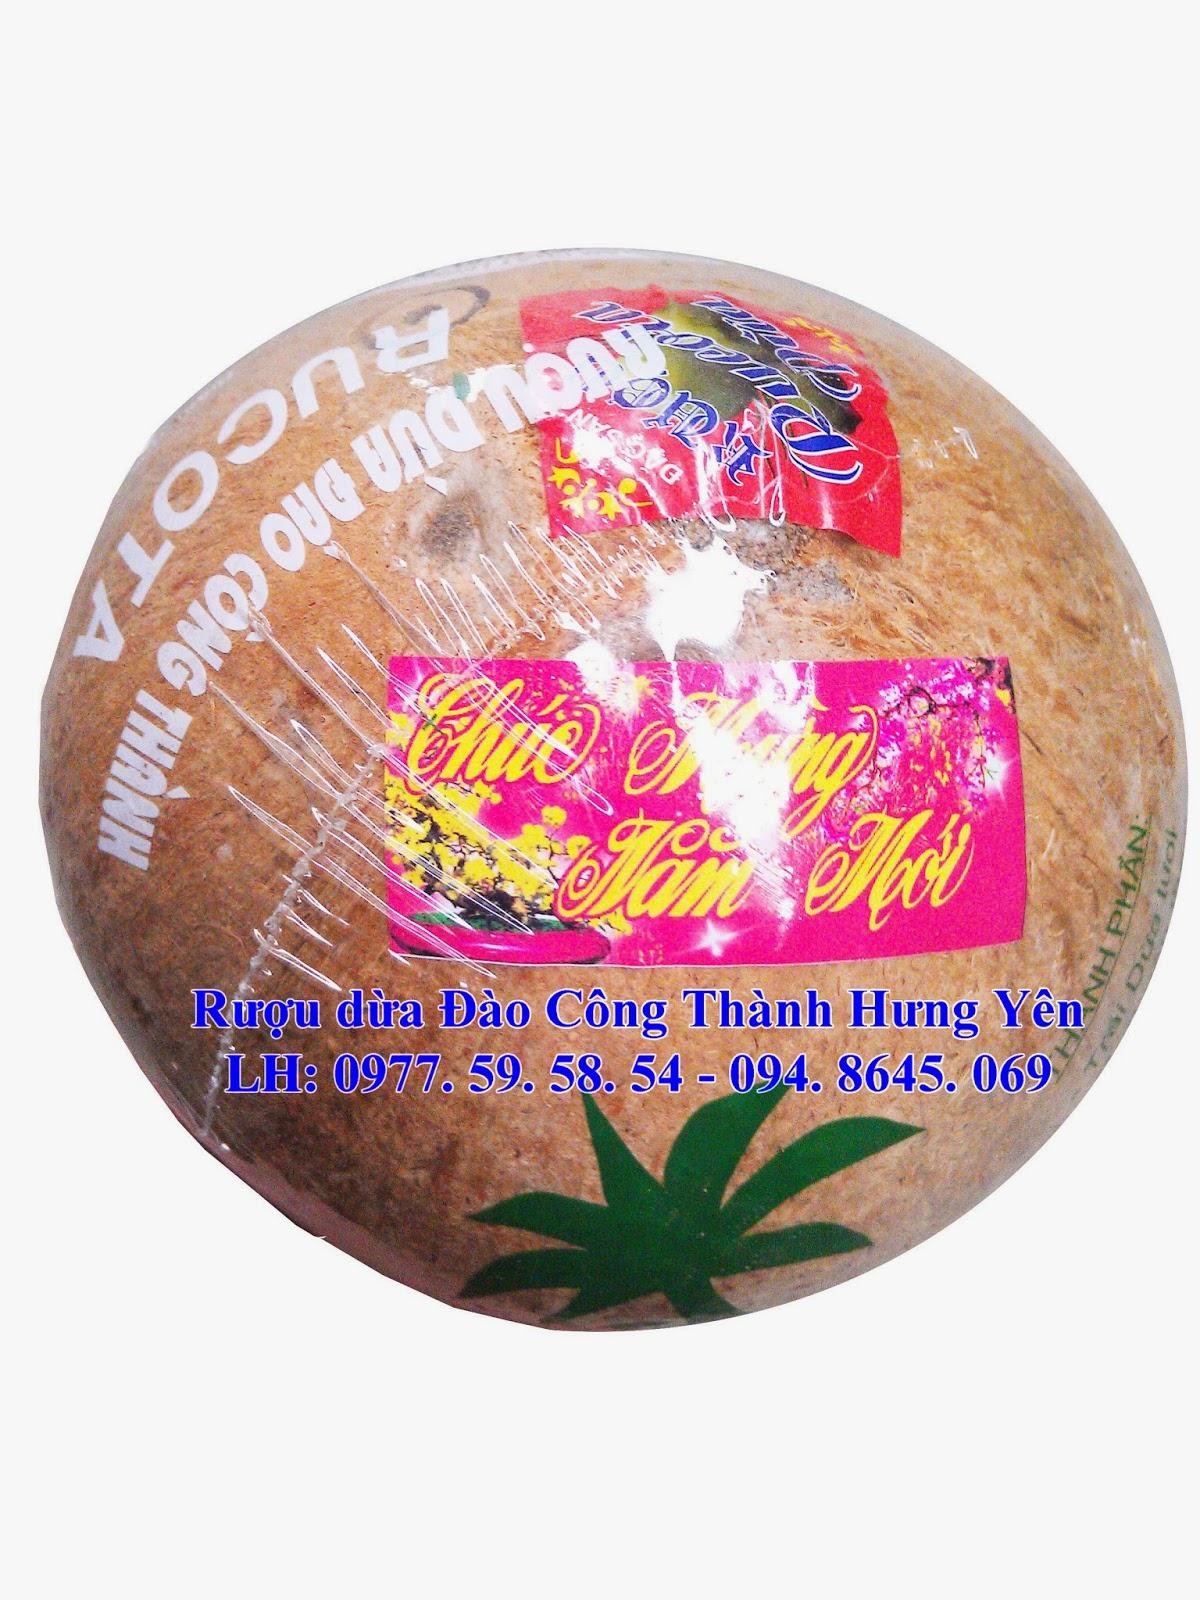 Rượu dừa Đào Công Thành - Hưng Yên